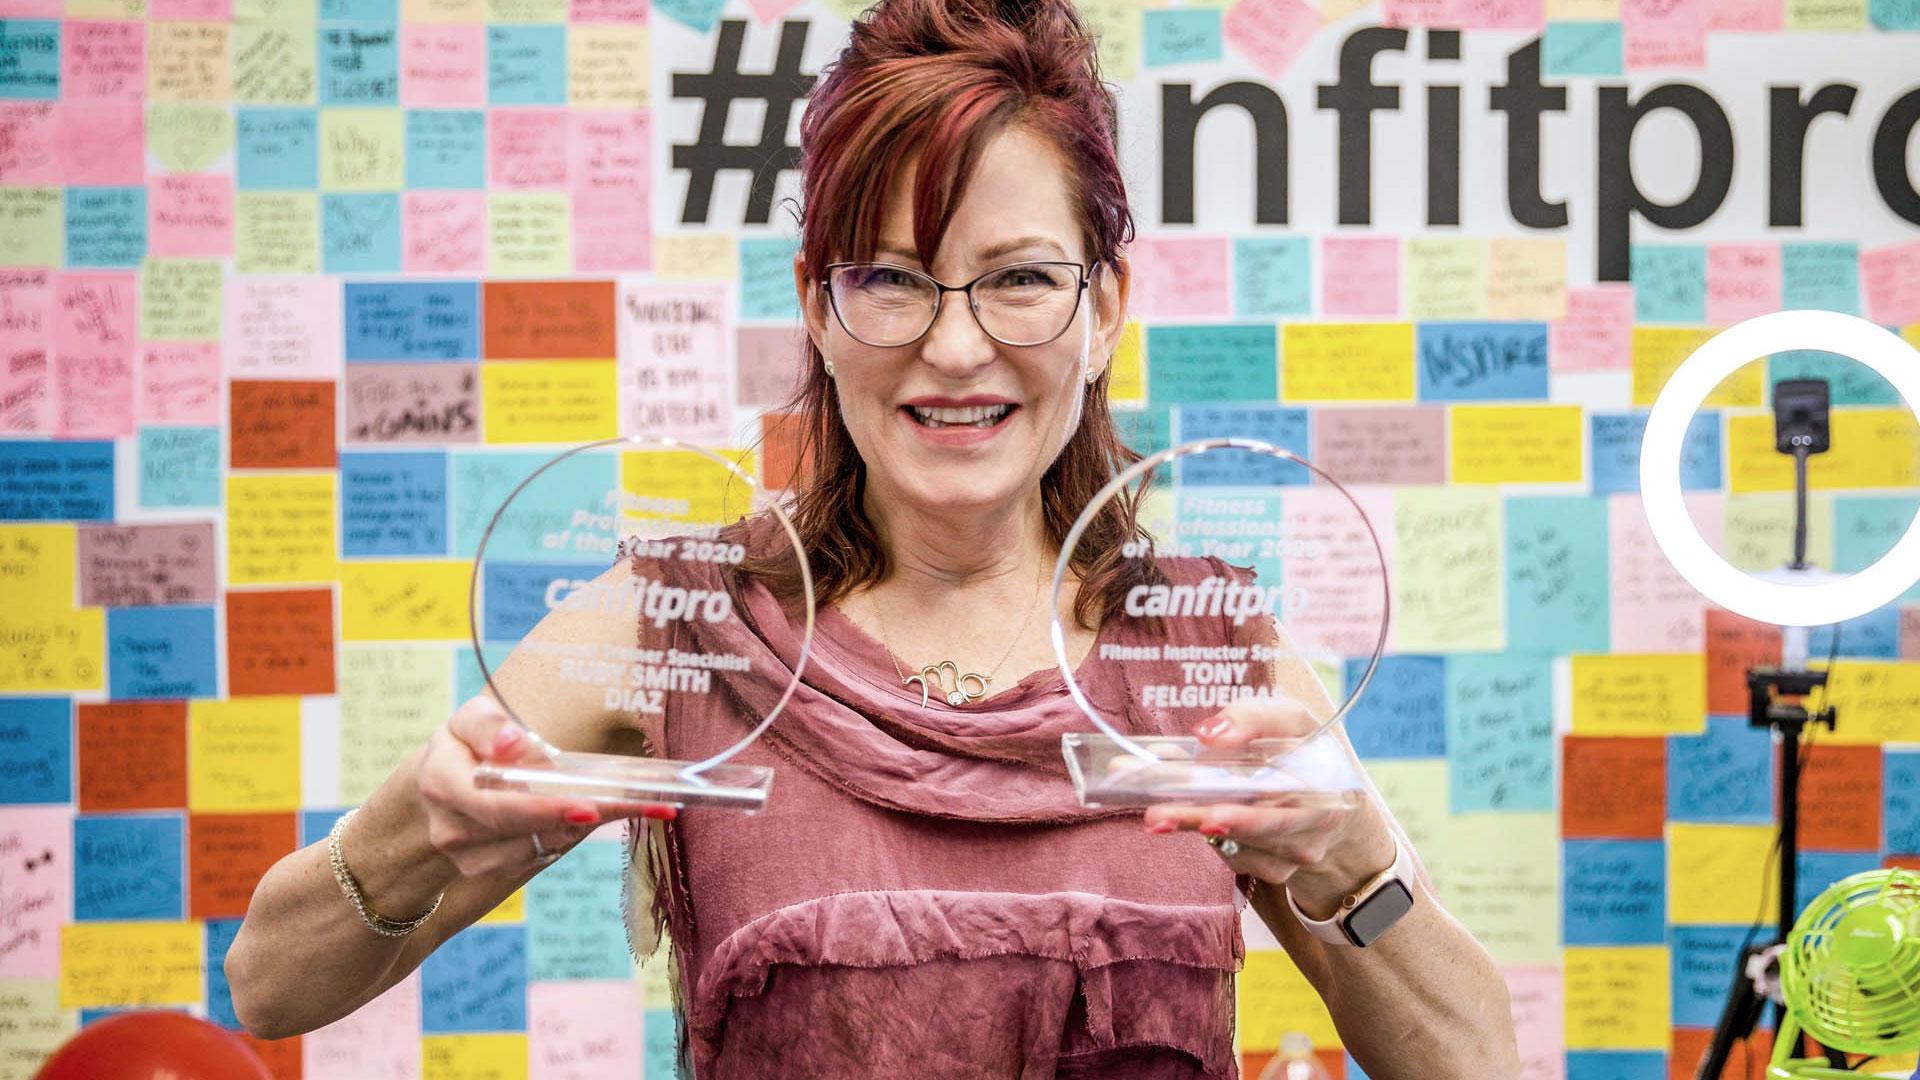 Mo holding awards